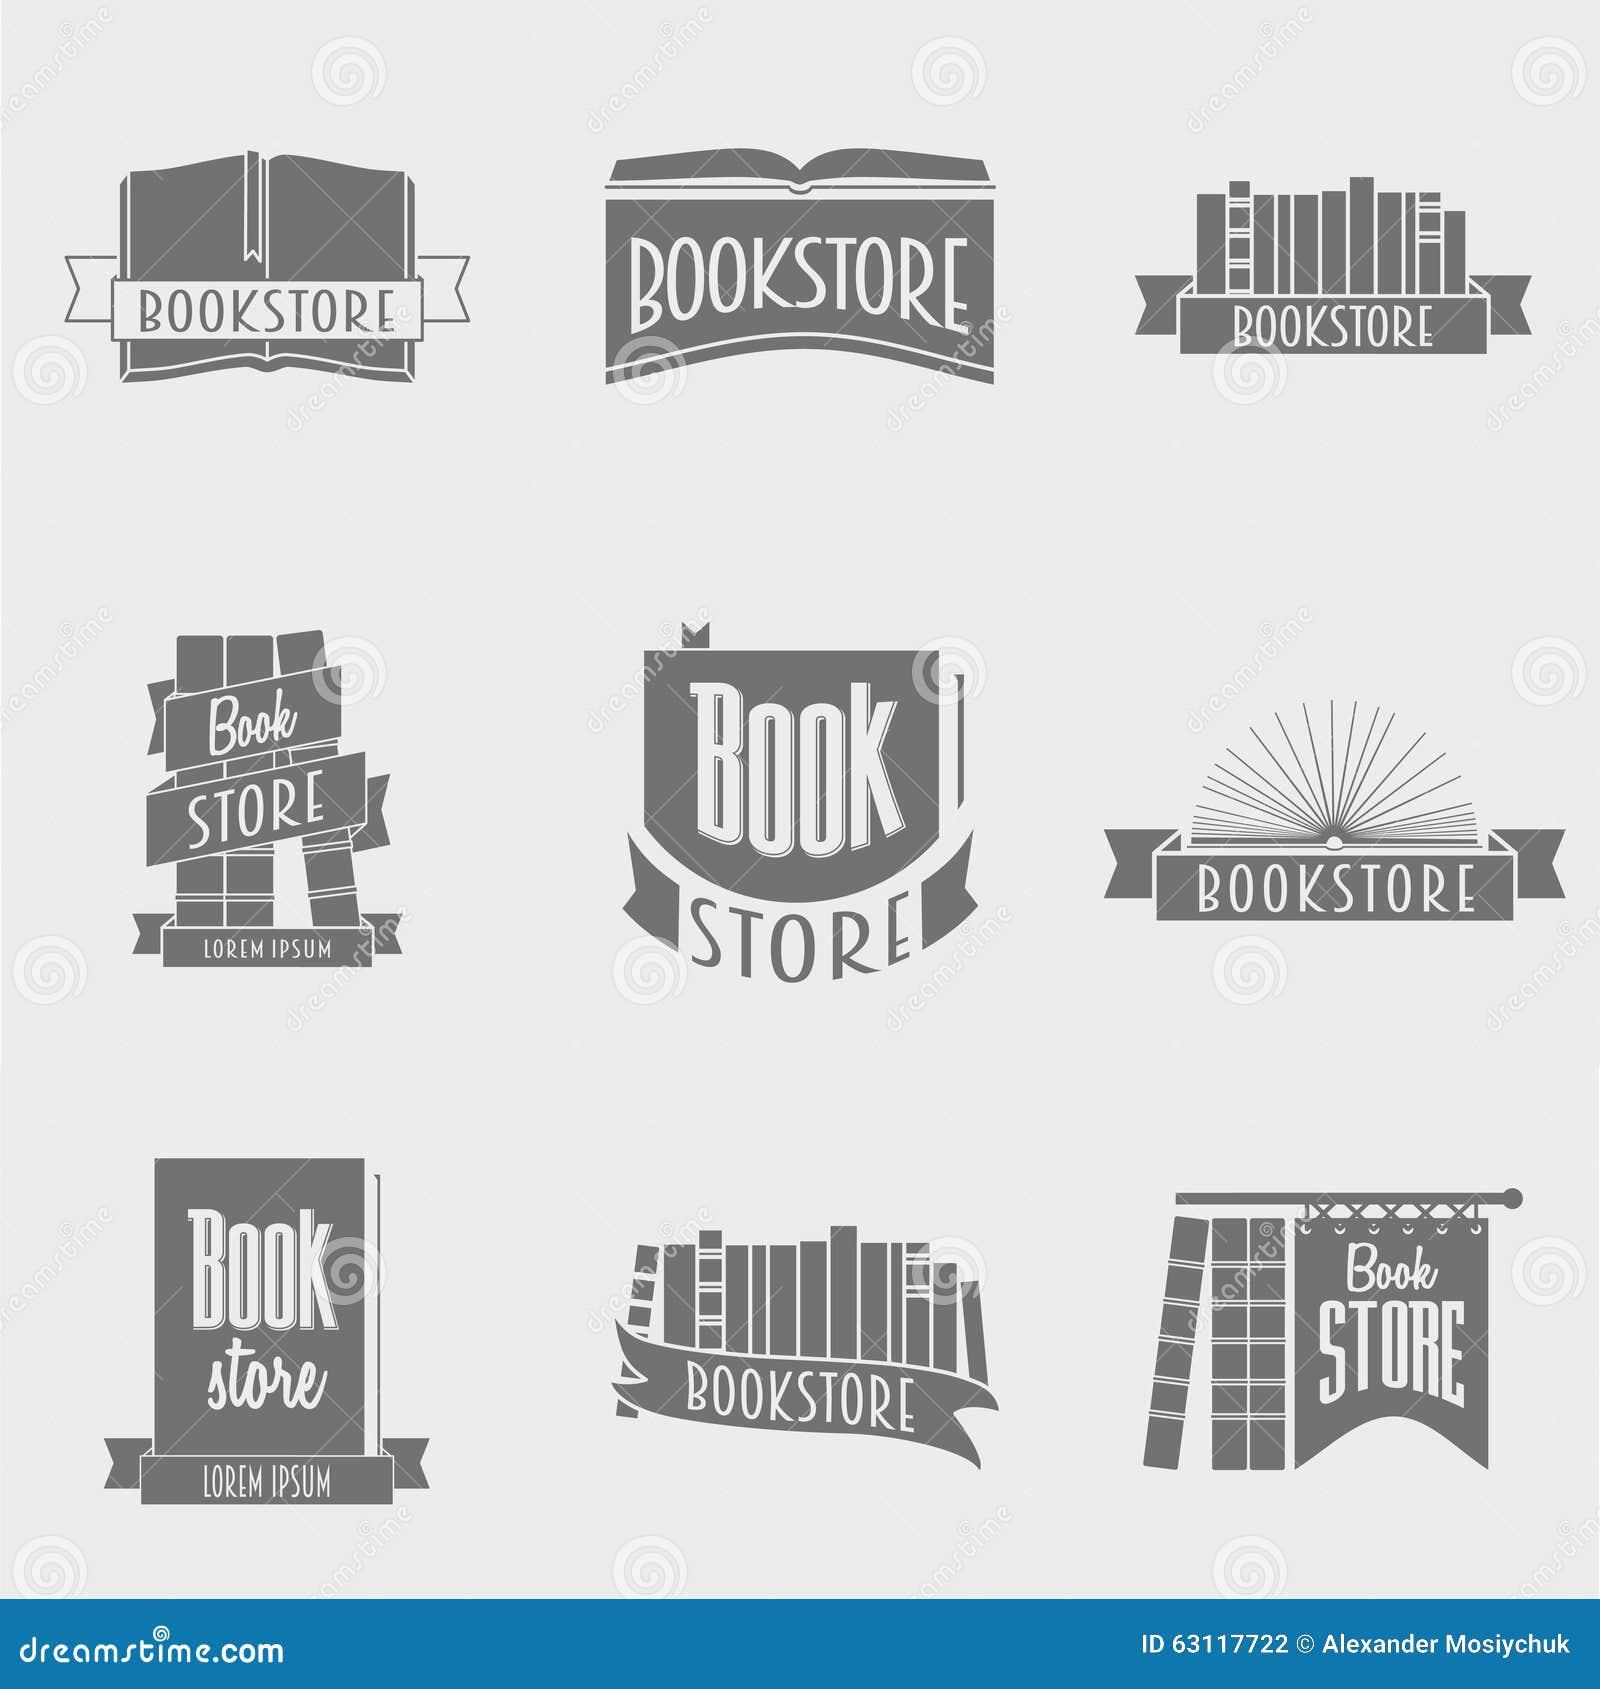 Creative Book Design Vector : Set of vector book store logo design stock image